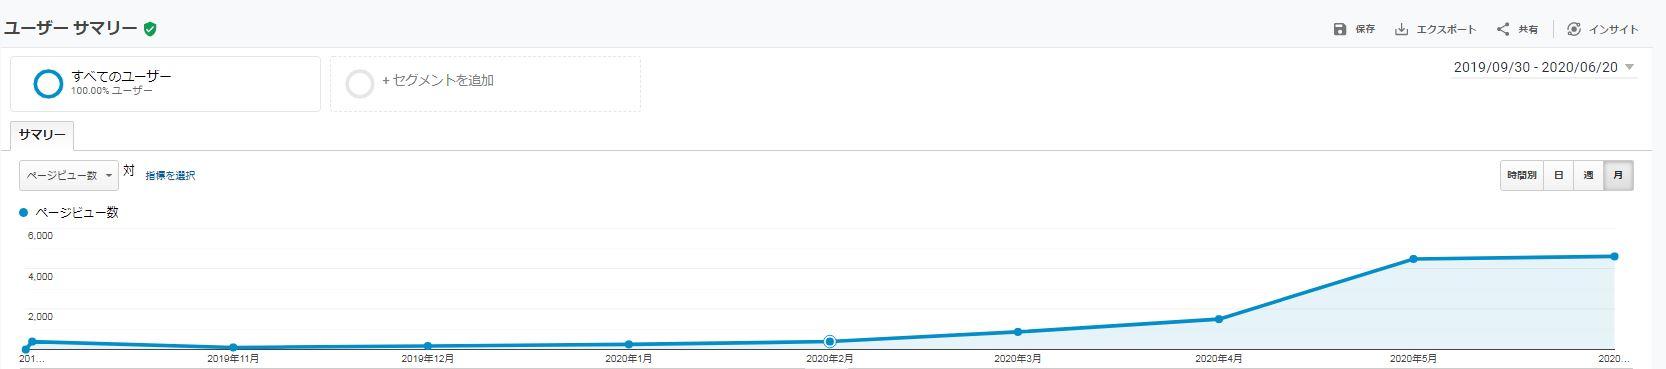 ビルキャリのPV数のグラフ